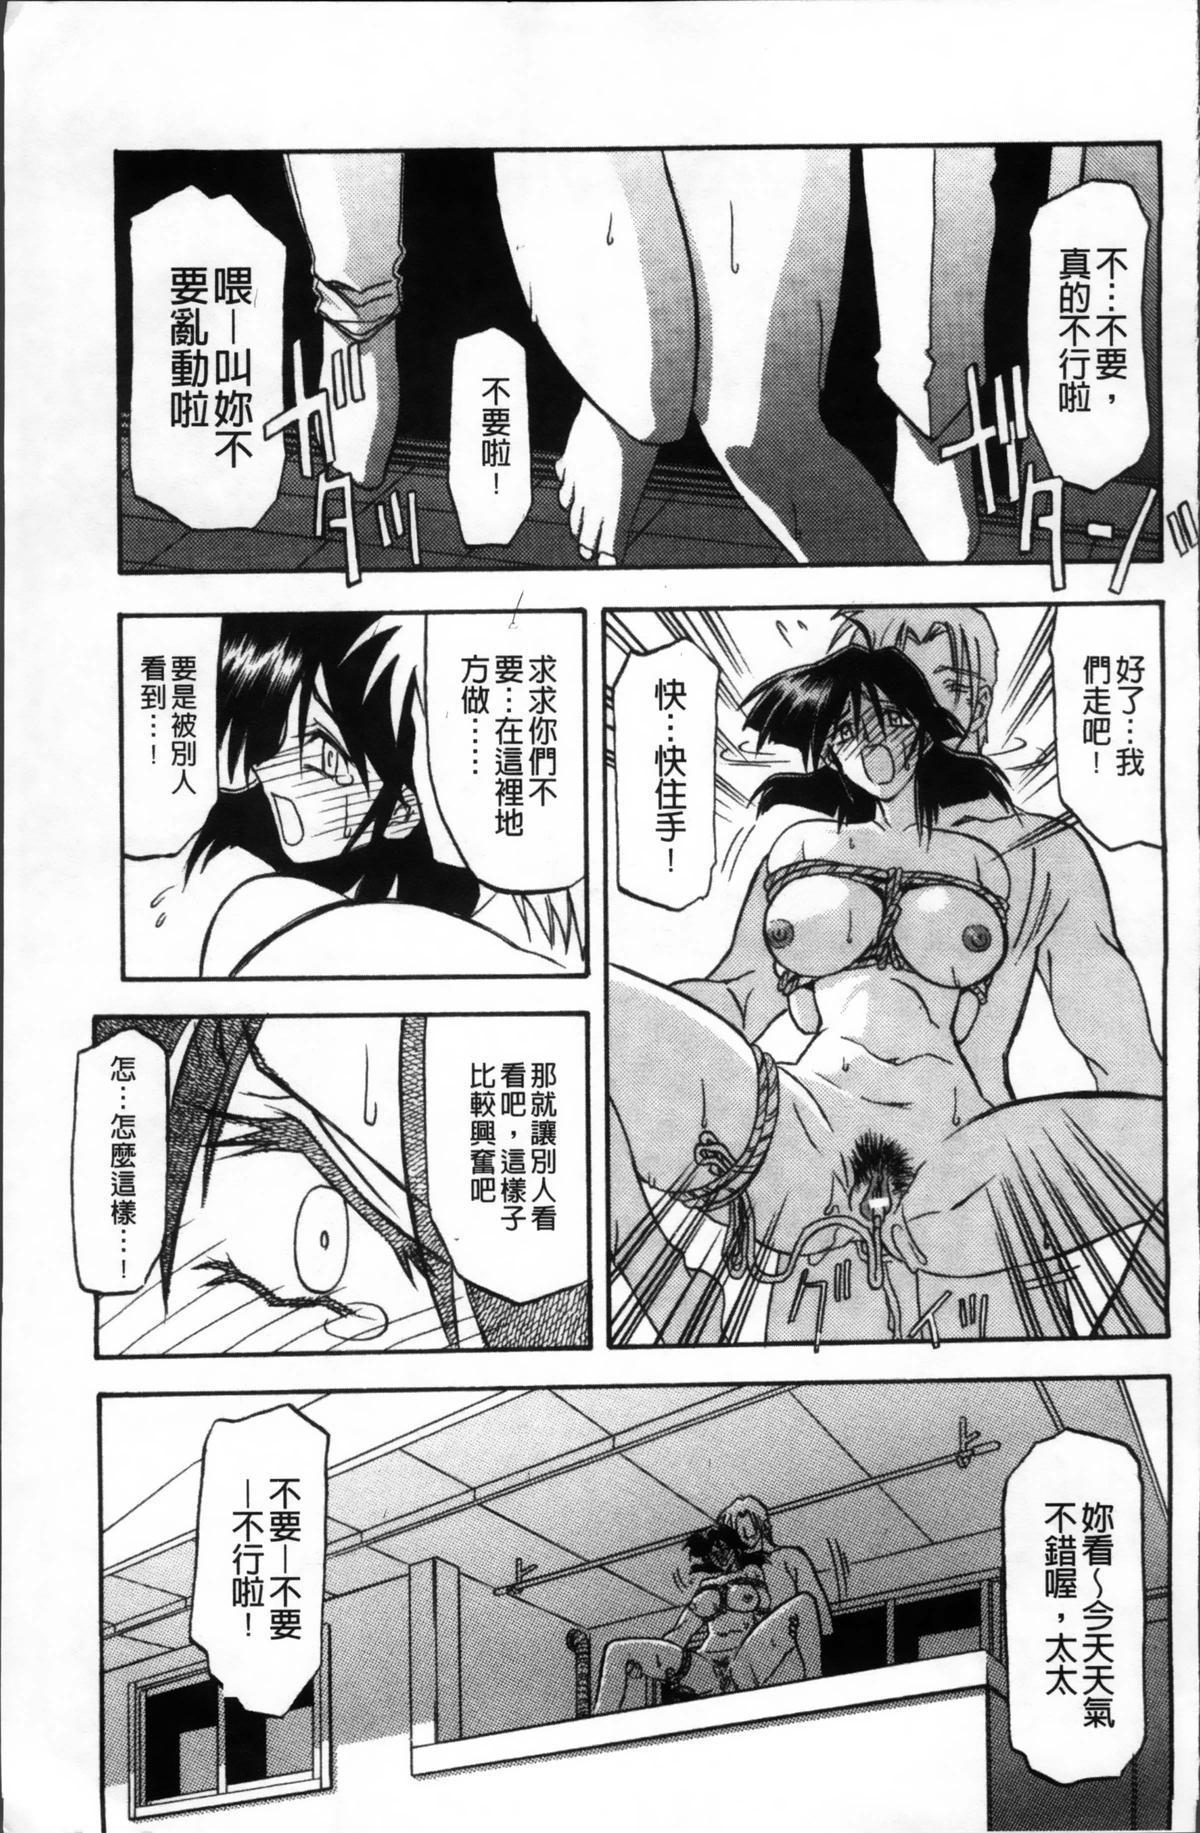 Hiiro no Koku Kanzenban   緋色之刻 完全版 180